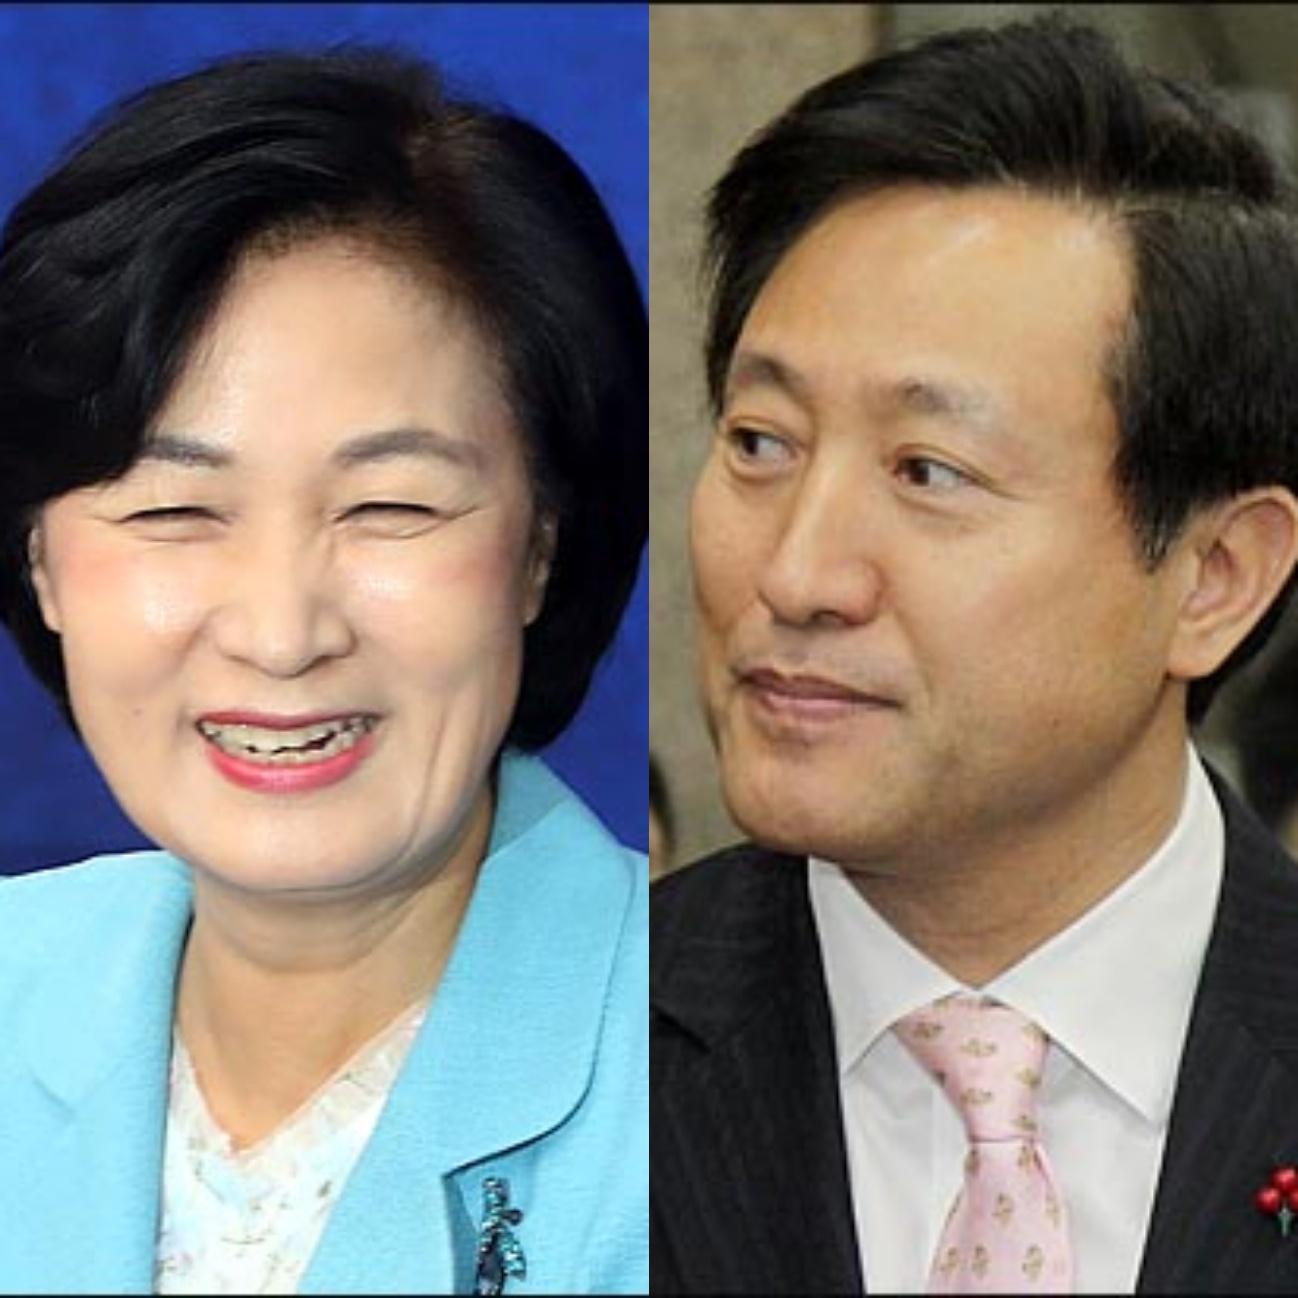 추미애 전 더불어민주당 대표(왼쪽)와 오세훈 전 서울시장의 모습. ⓒ데일리안